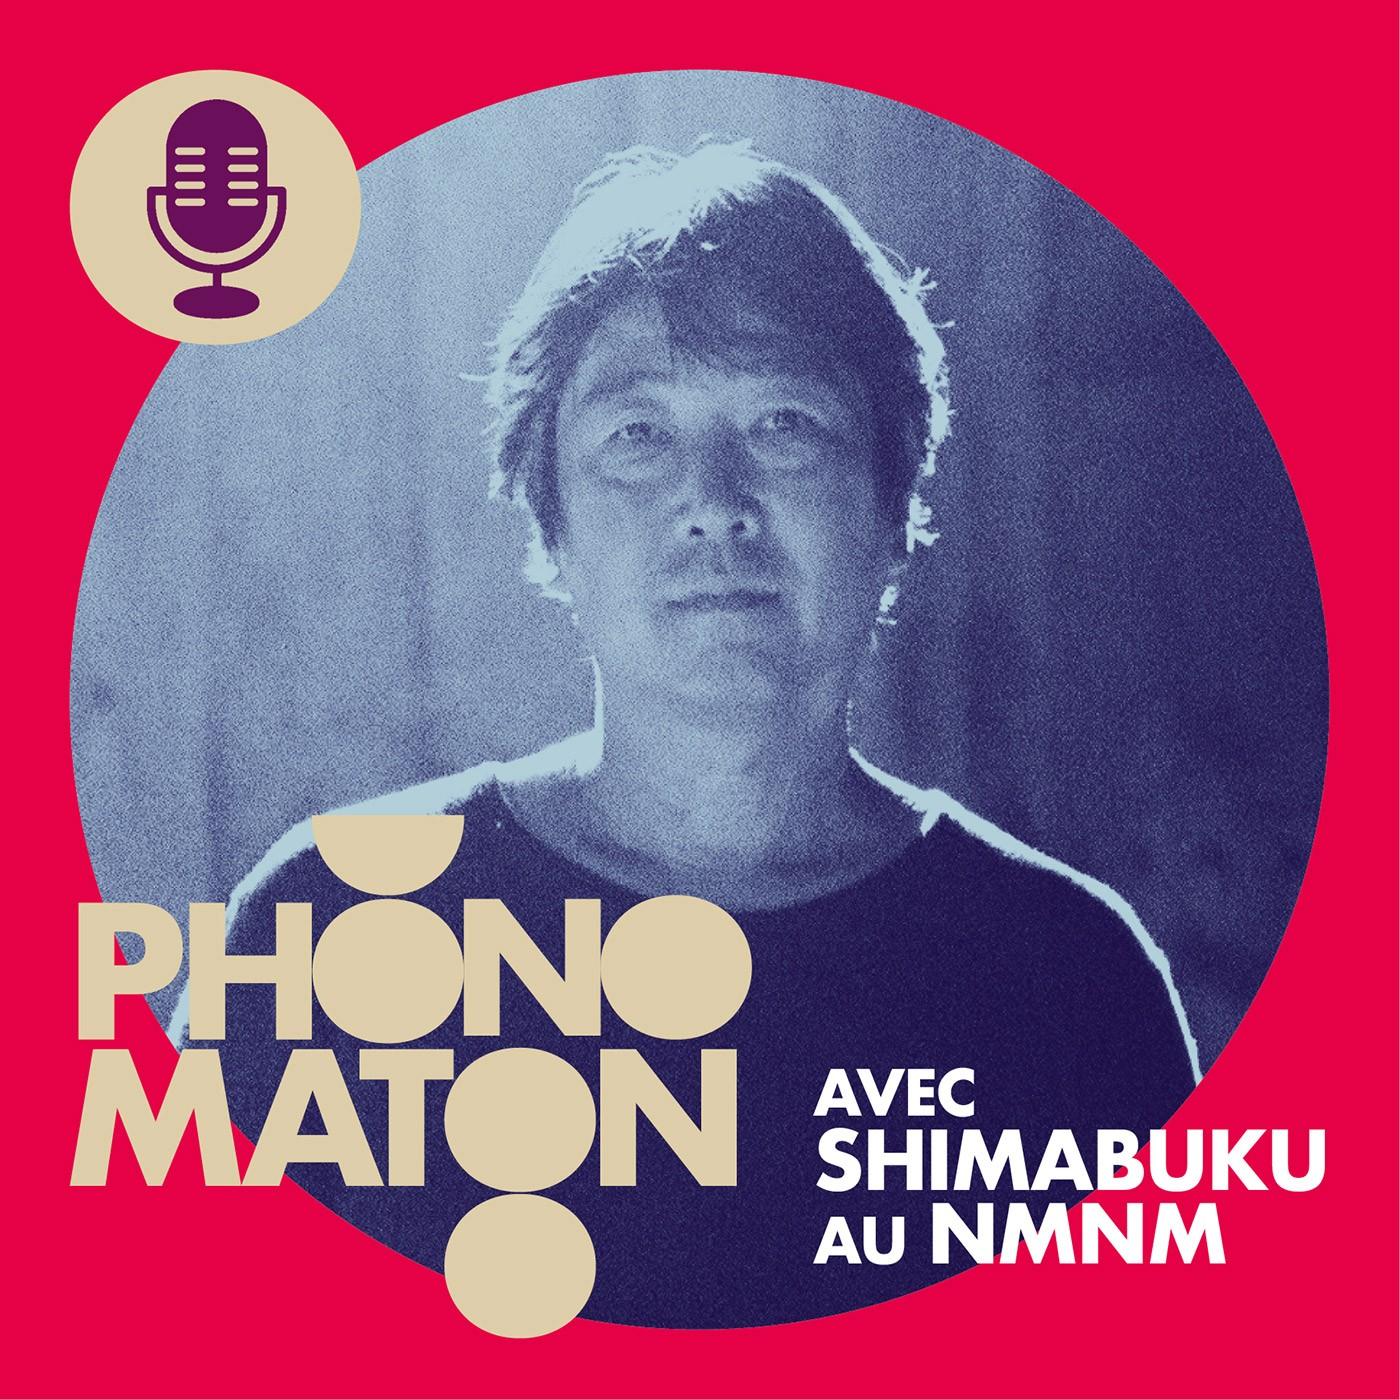 Phonomaton avec Shimabuku au NMNM